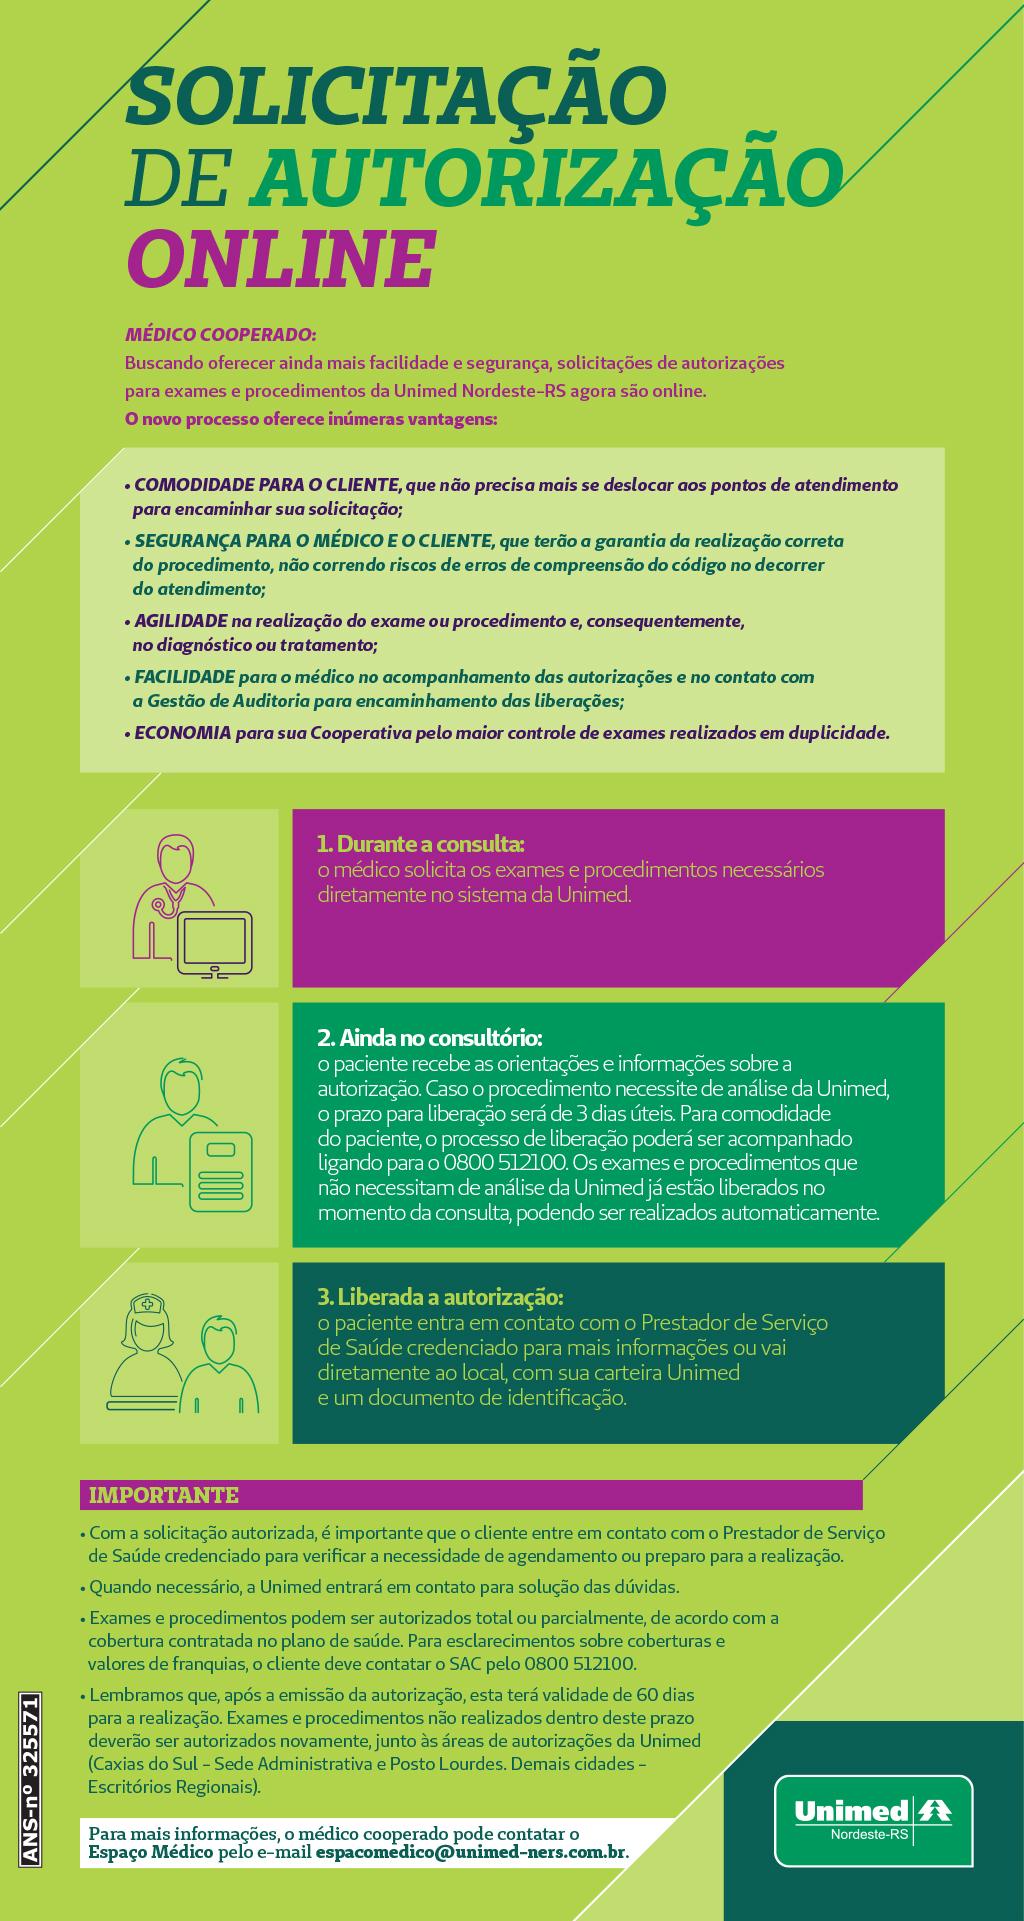 UI-0177-15B E-mail MKT médico cooperado